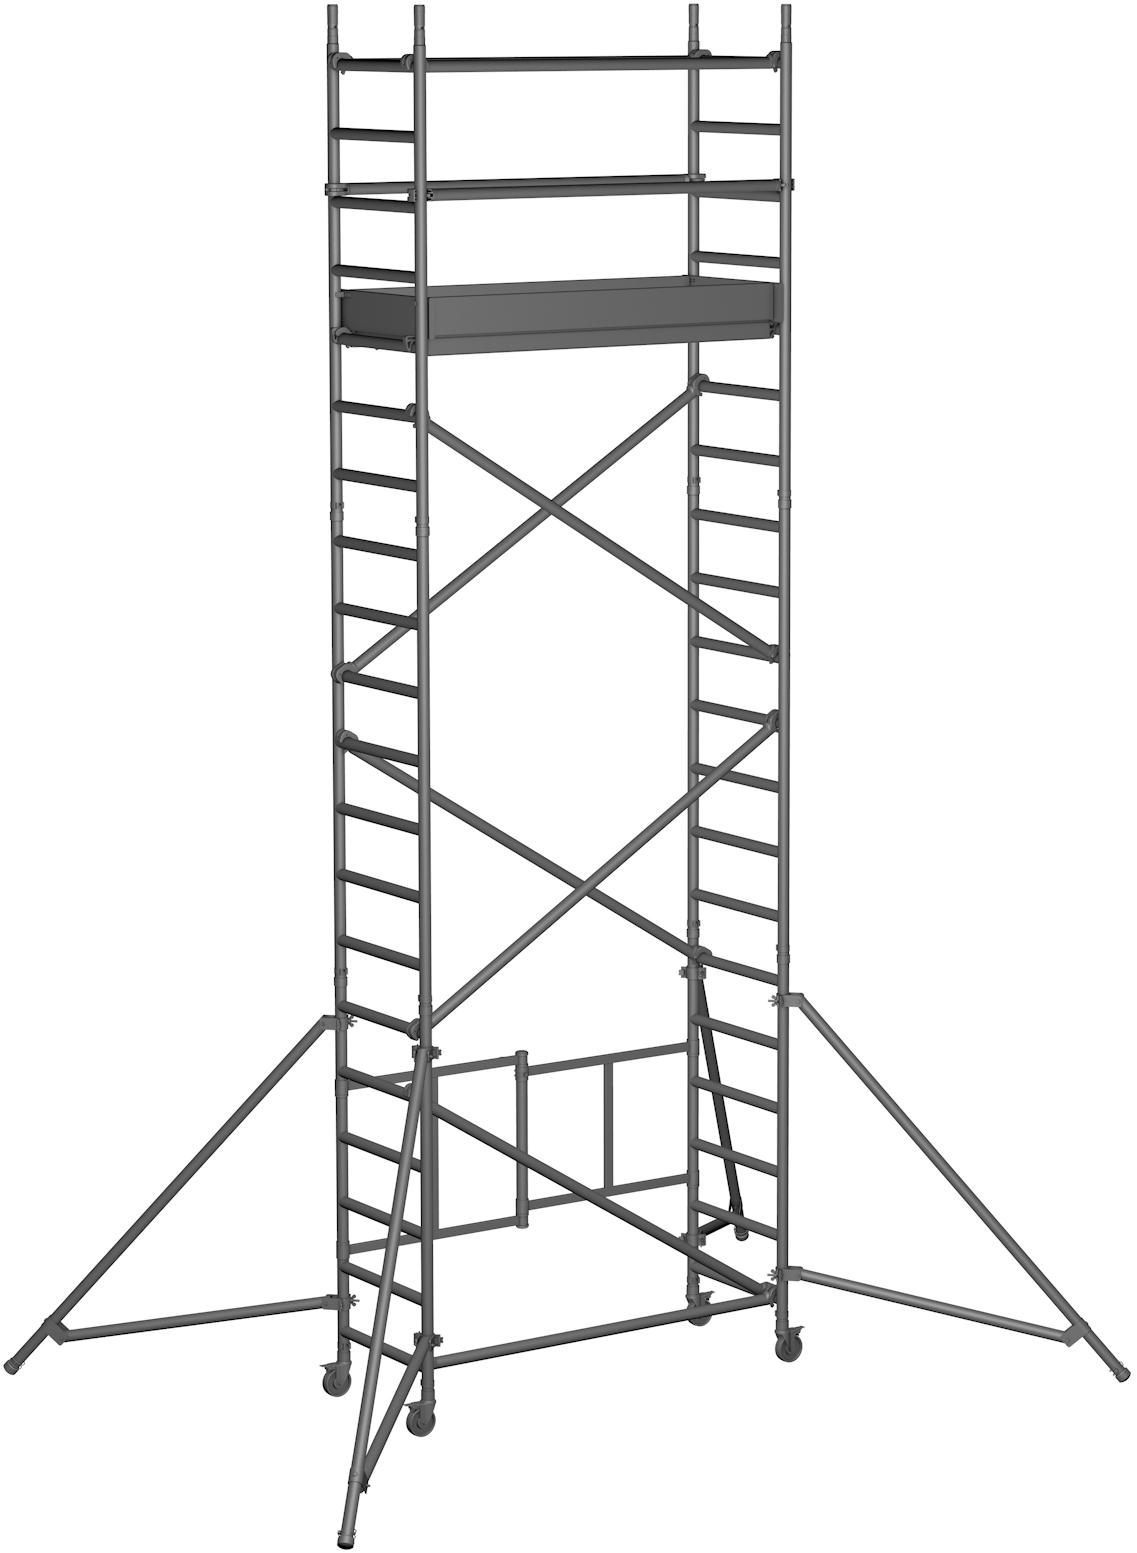 Klappgerüst ZARGES Reachmaster 1T - AH 6,55m